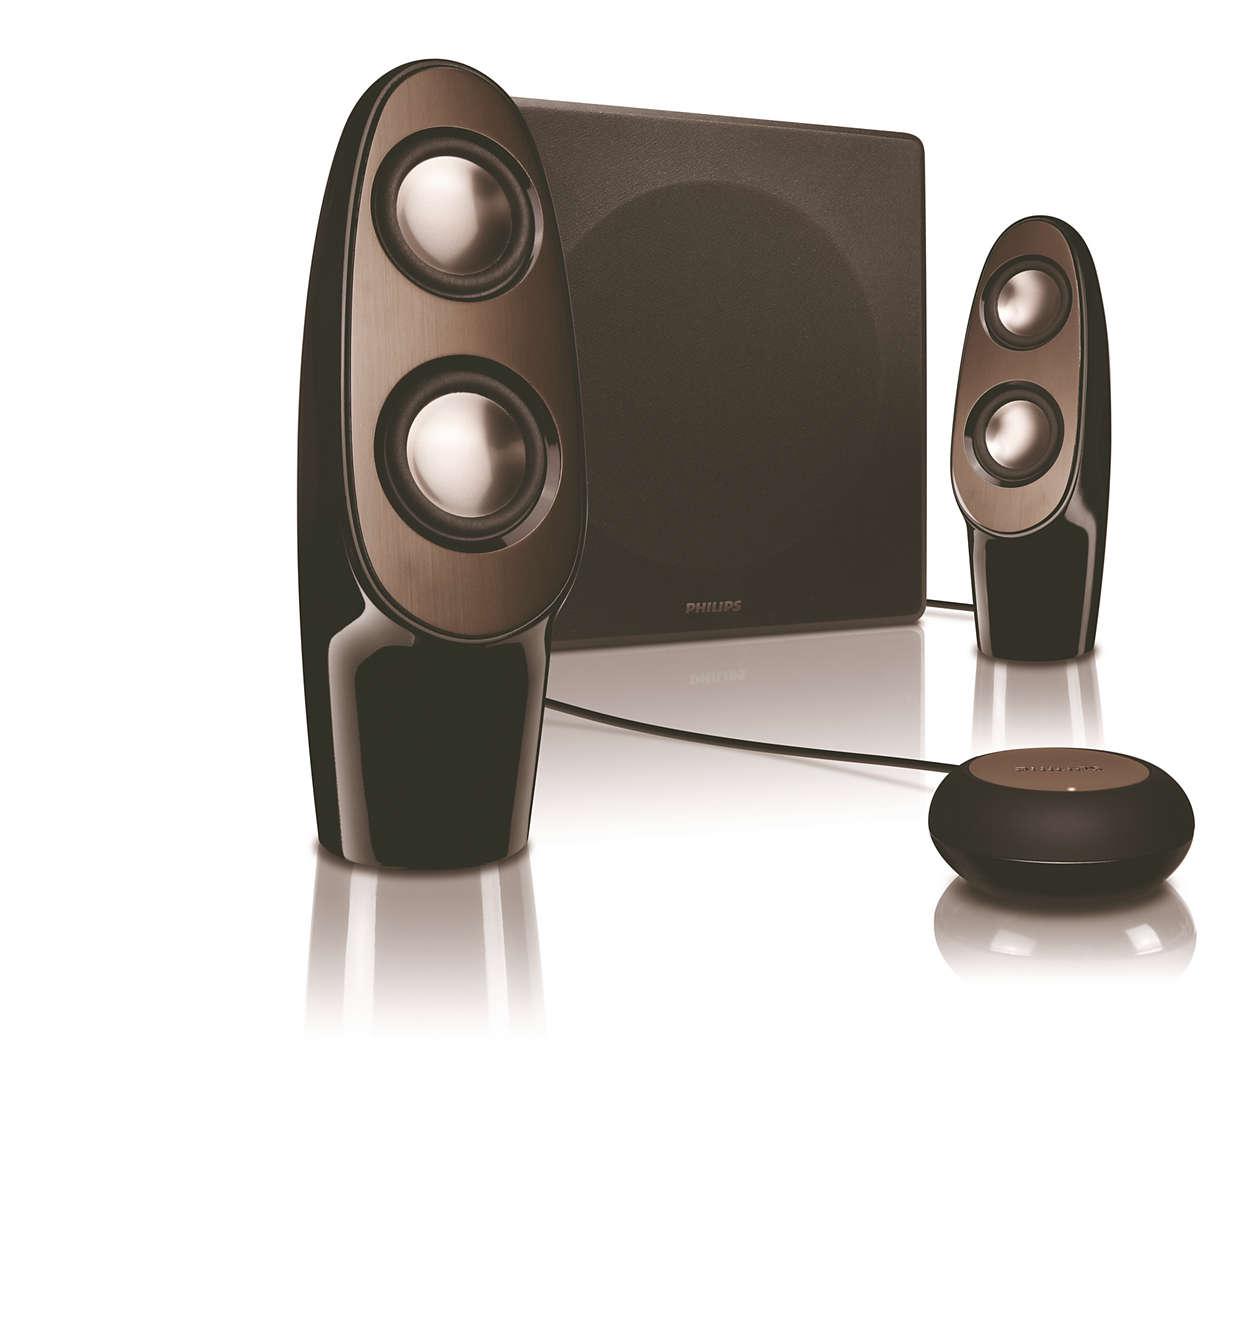 All-round great sound!